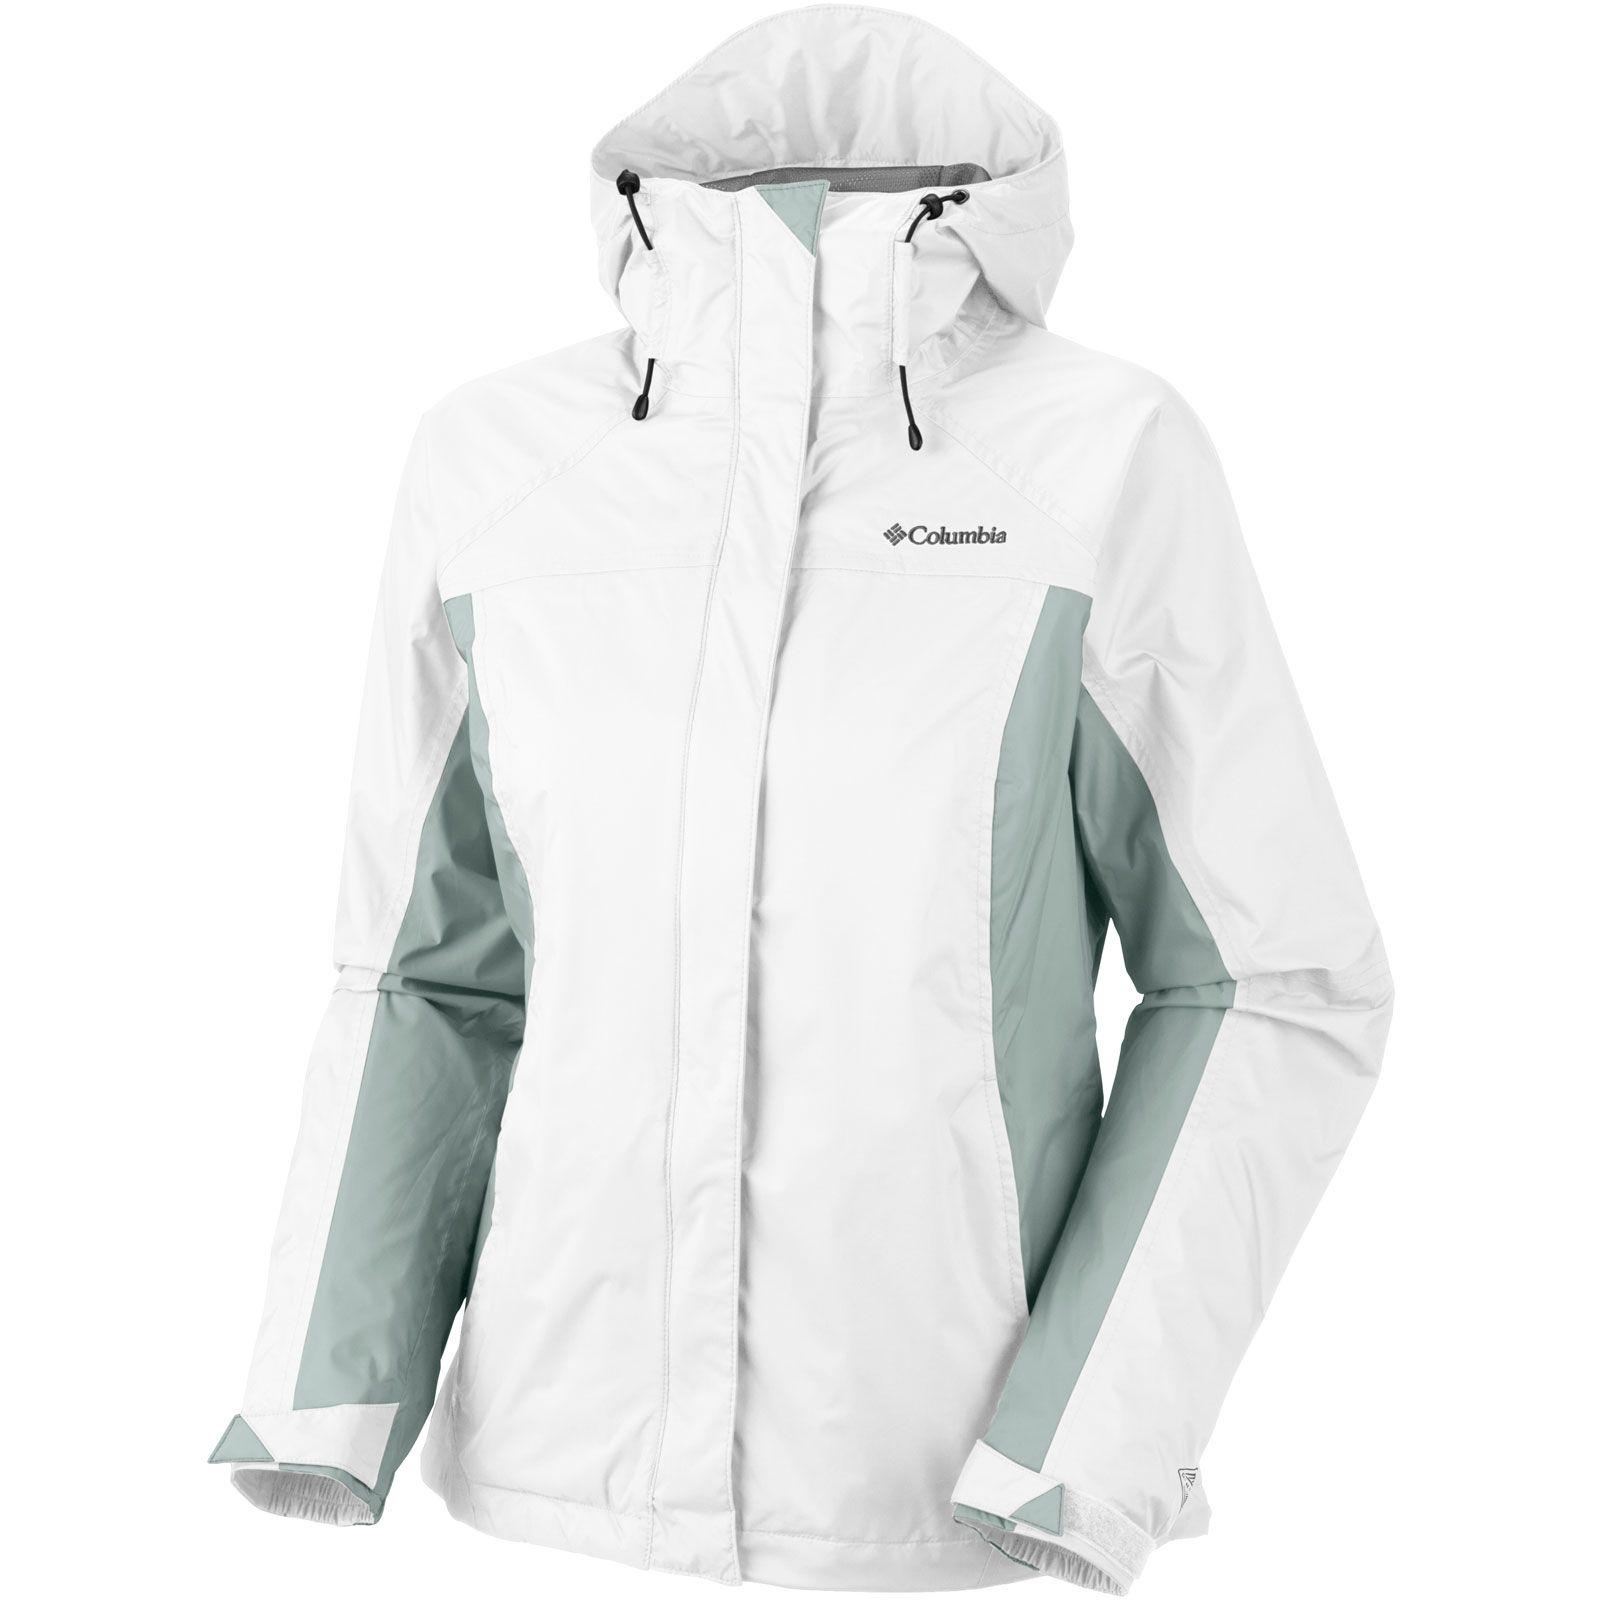 Buy Women S Arcadia Rain Jacket From Columbia Rocky Mountain Trail Rain Jacket Women Rain Jacket Jackets